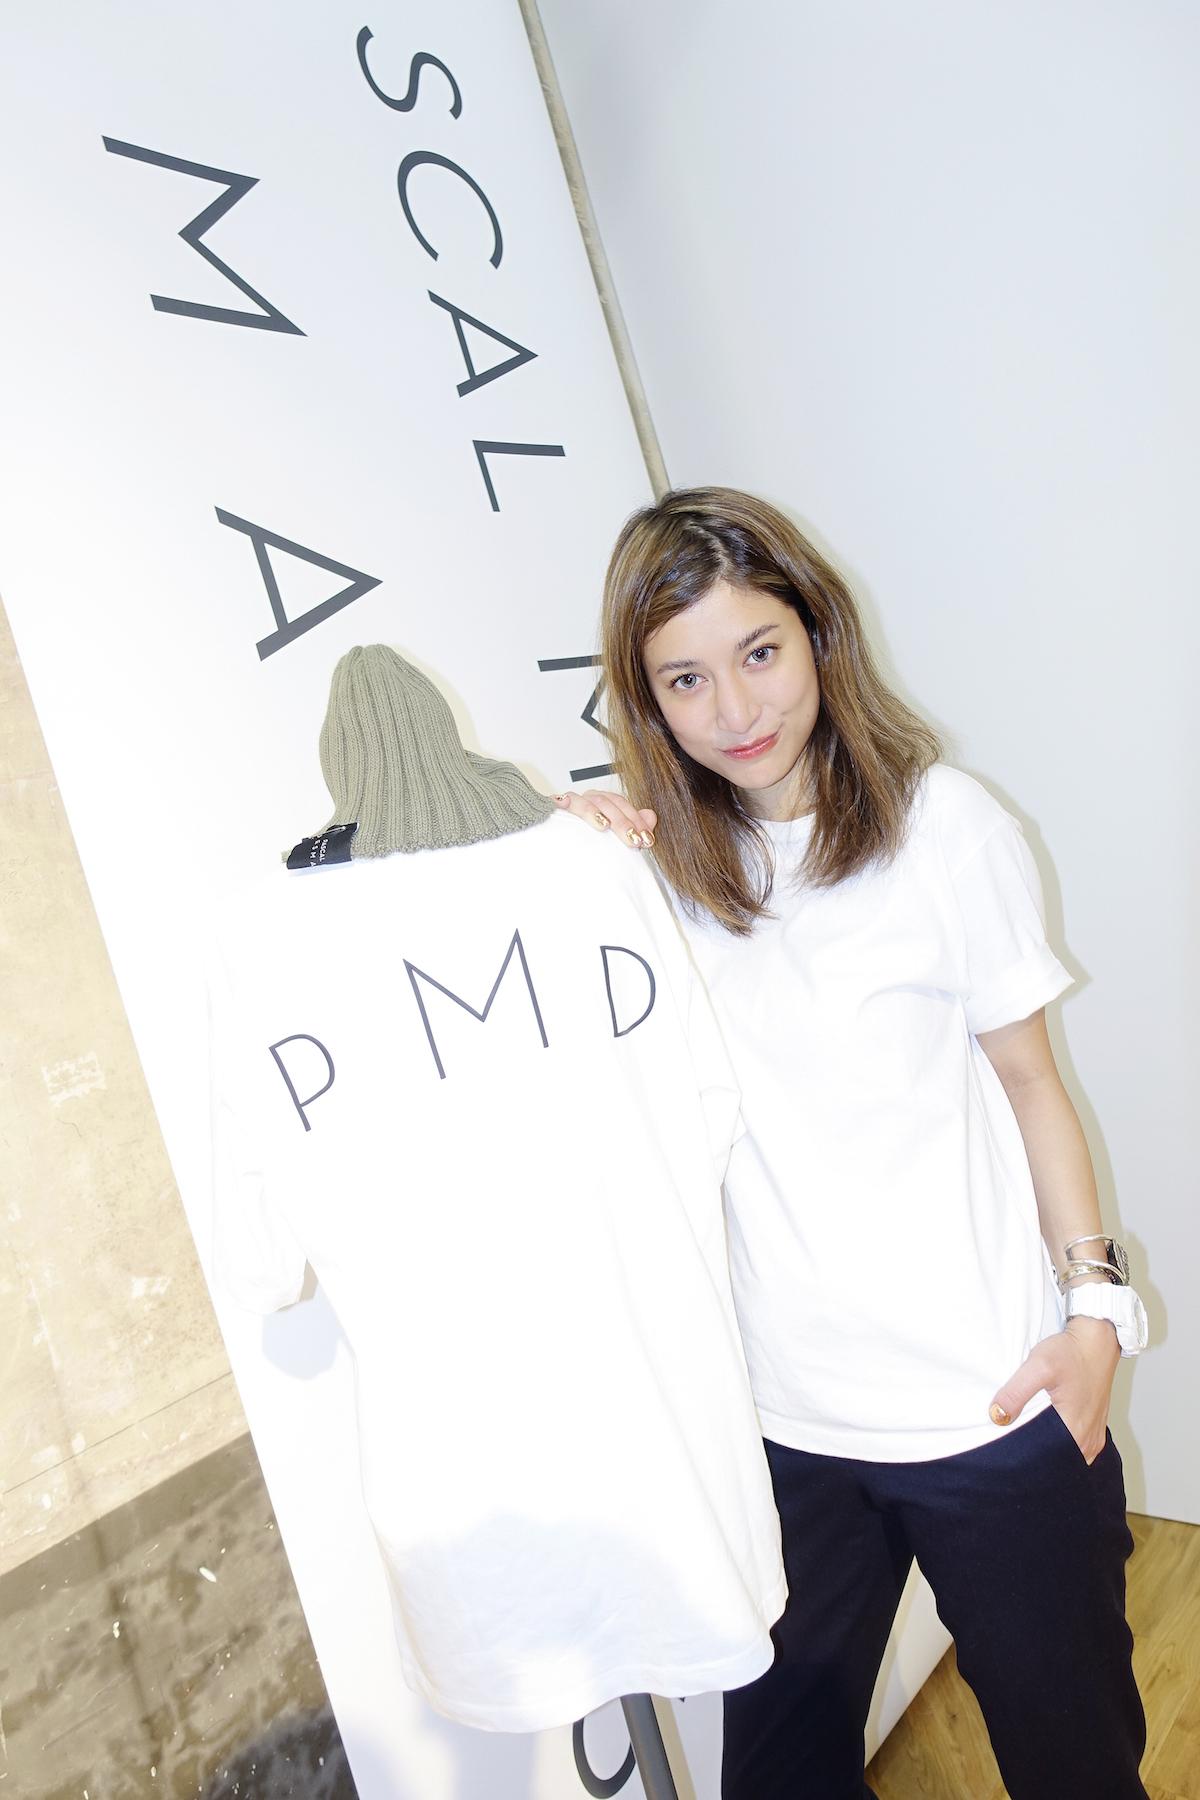 PMD_0606_7